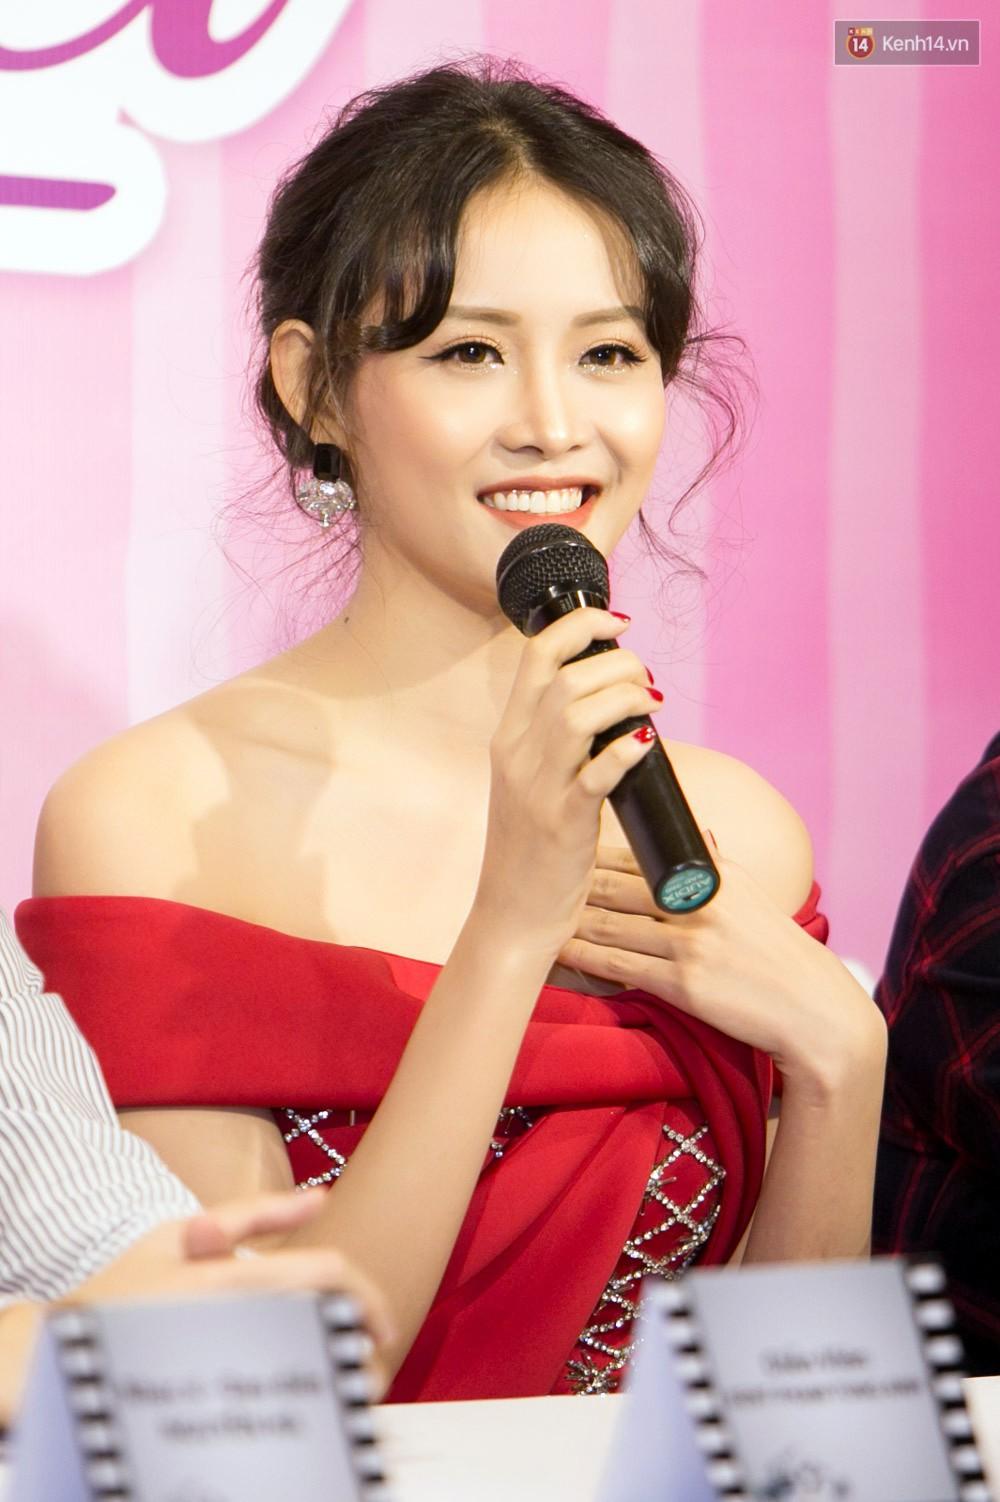 Bị nghi ngờ khả năng ca hát, Trương Mỹ Nhân hát live Đừng xe em đêm nay - Ảnh 5.